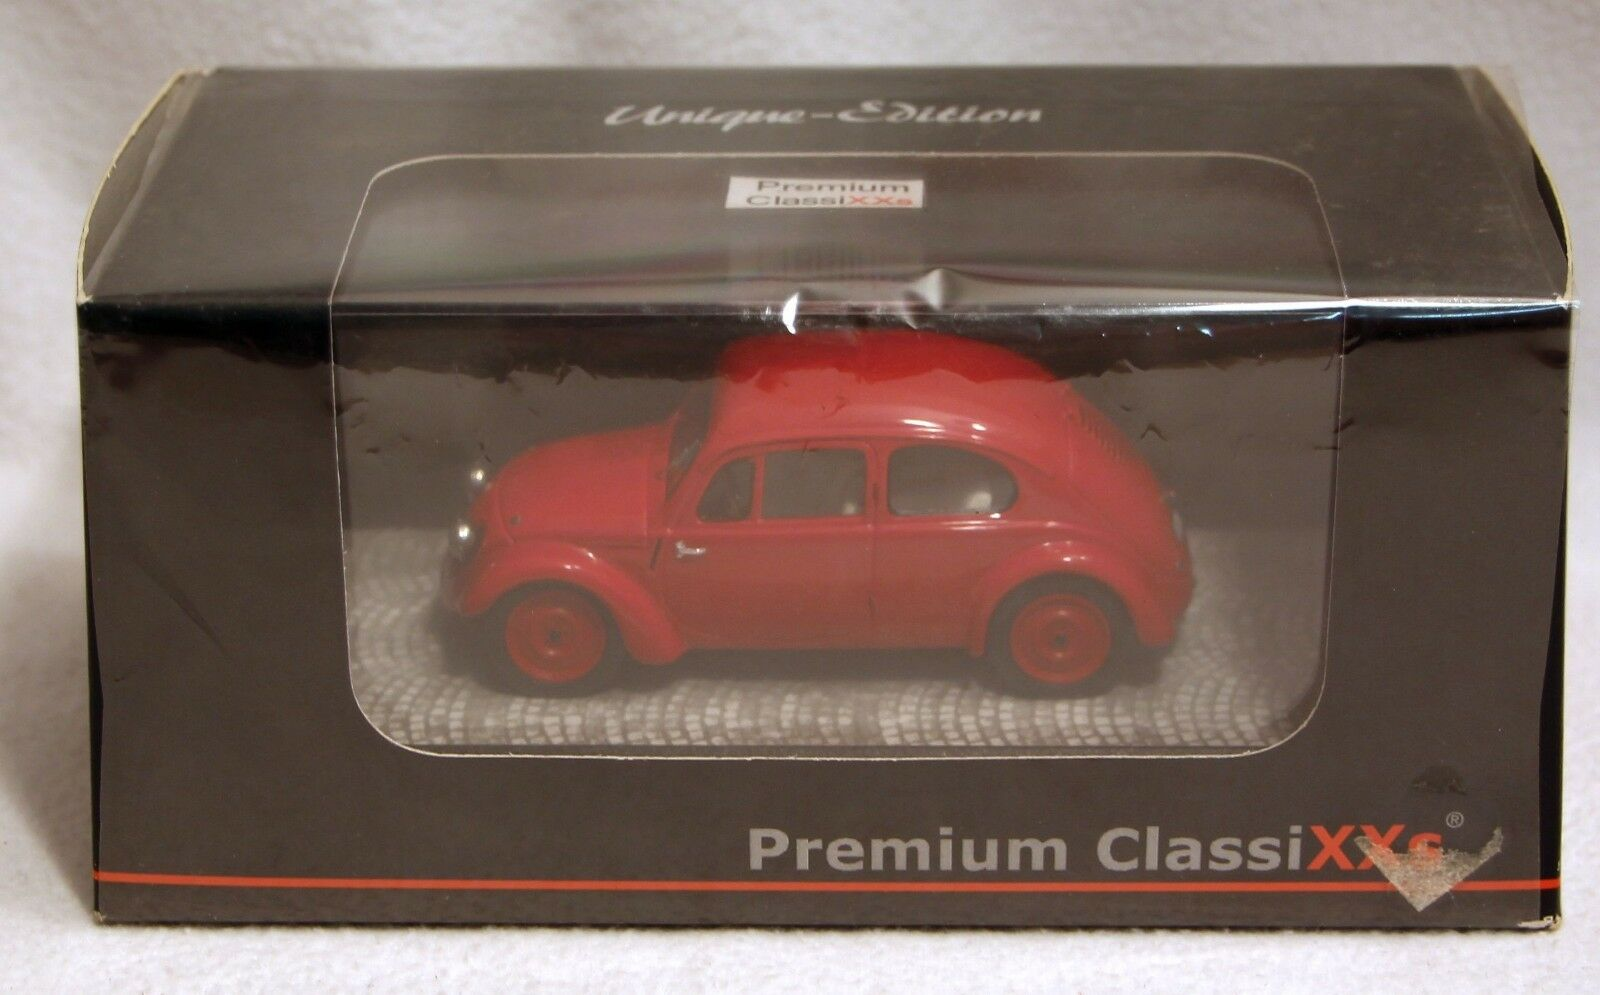 Premium Classixxs 1 43 métal modèle -18025 - tentative voiture v3 prougeotype limitée